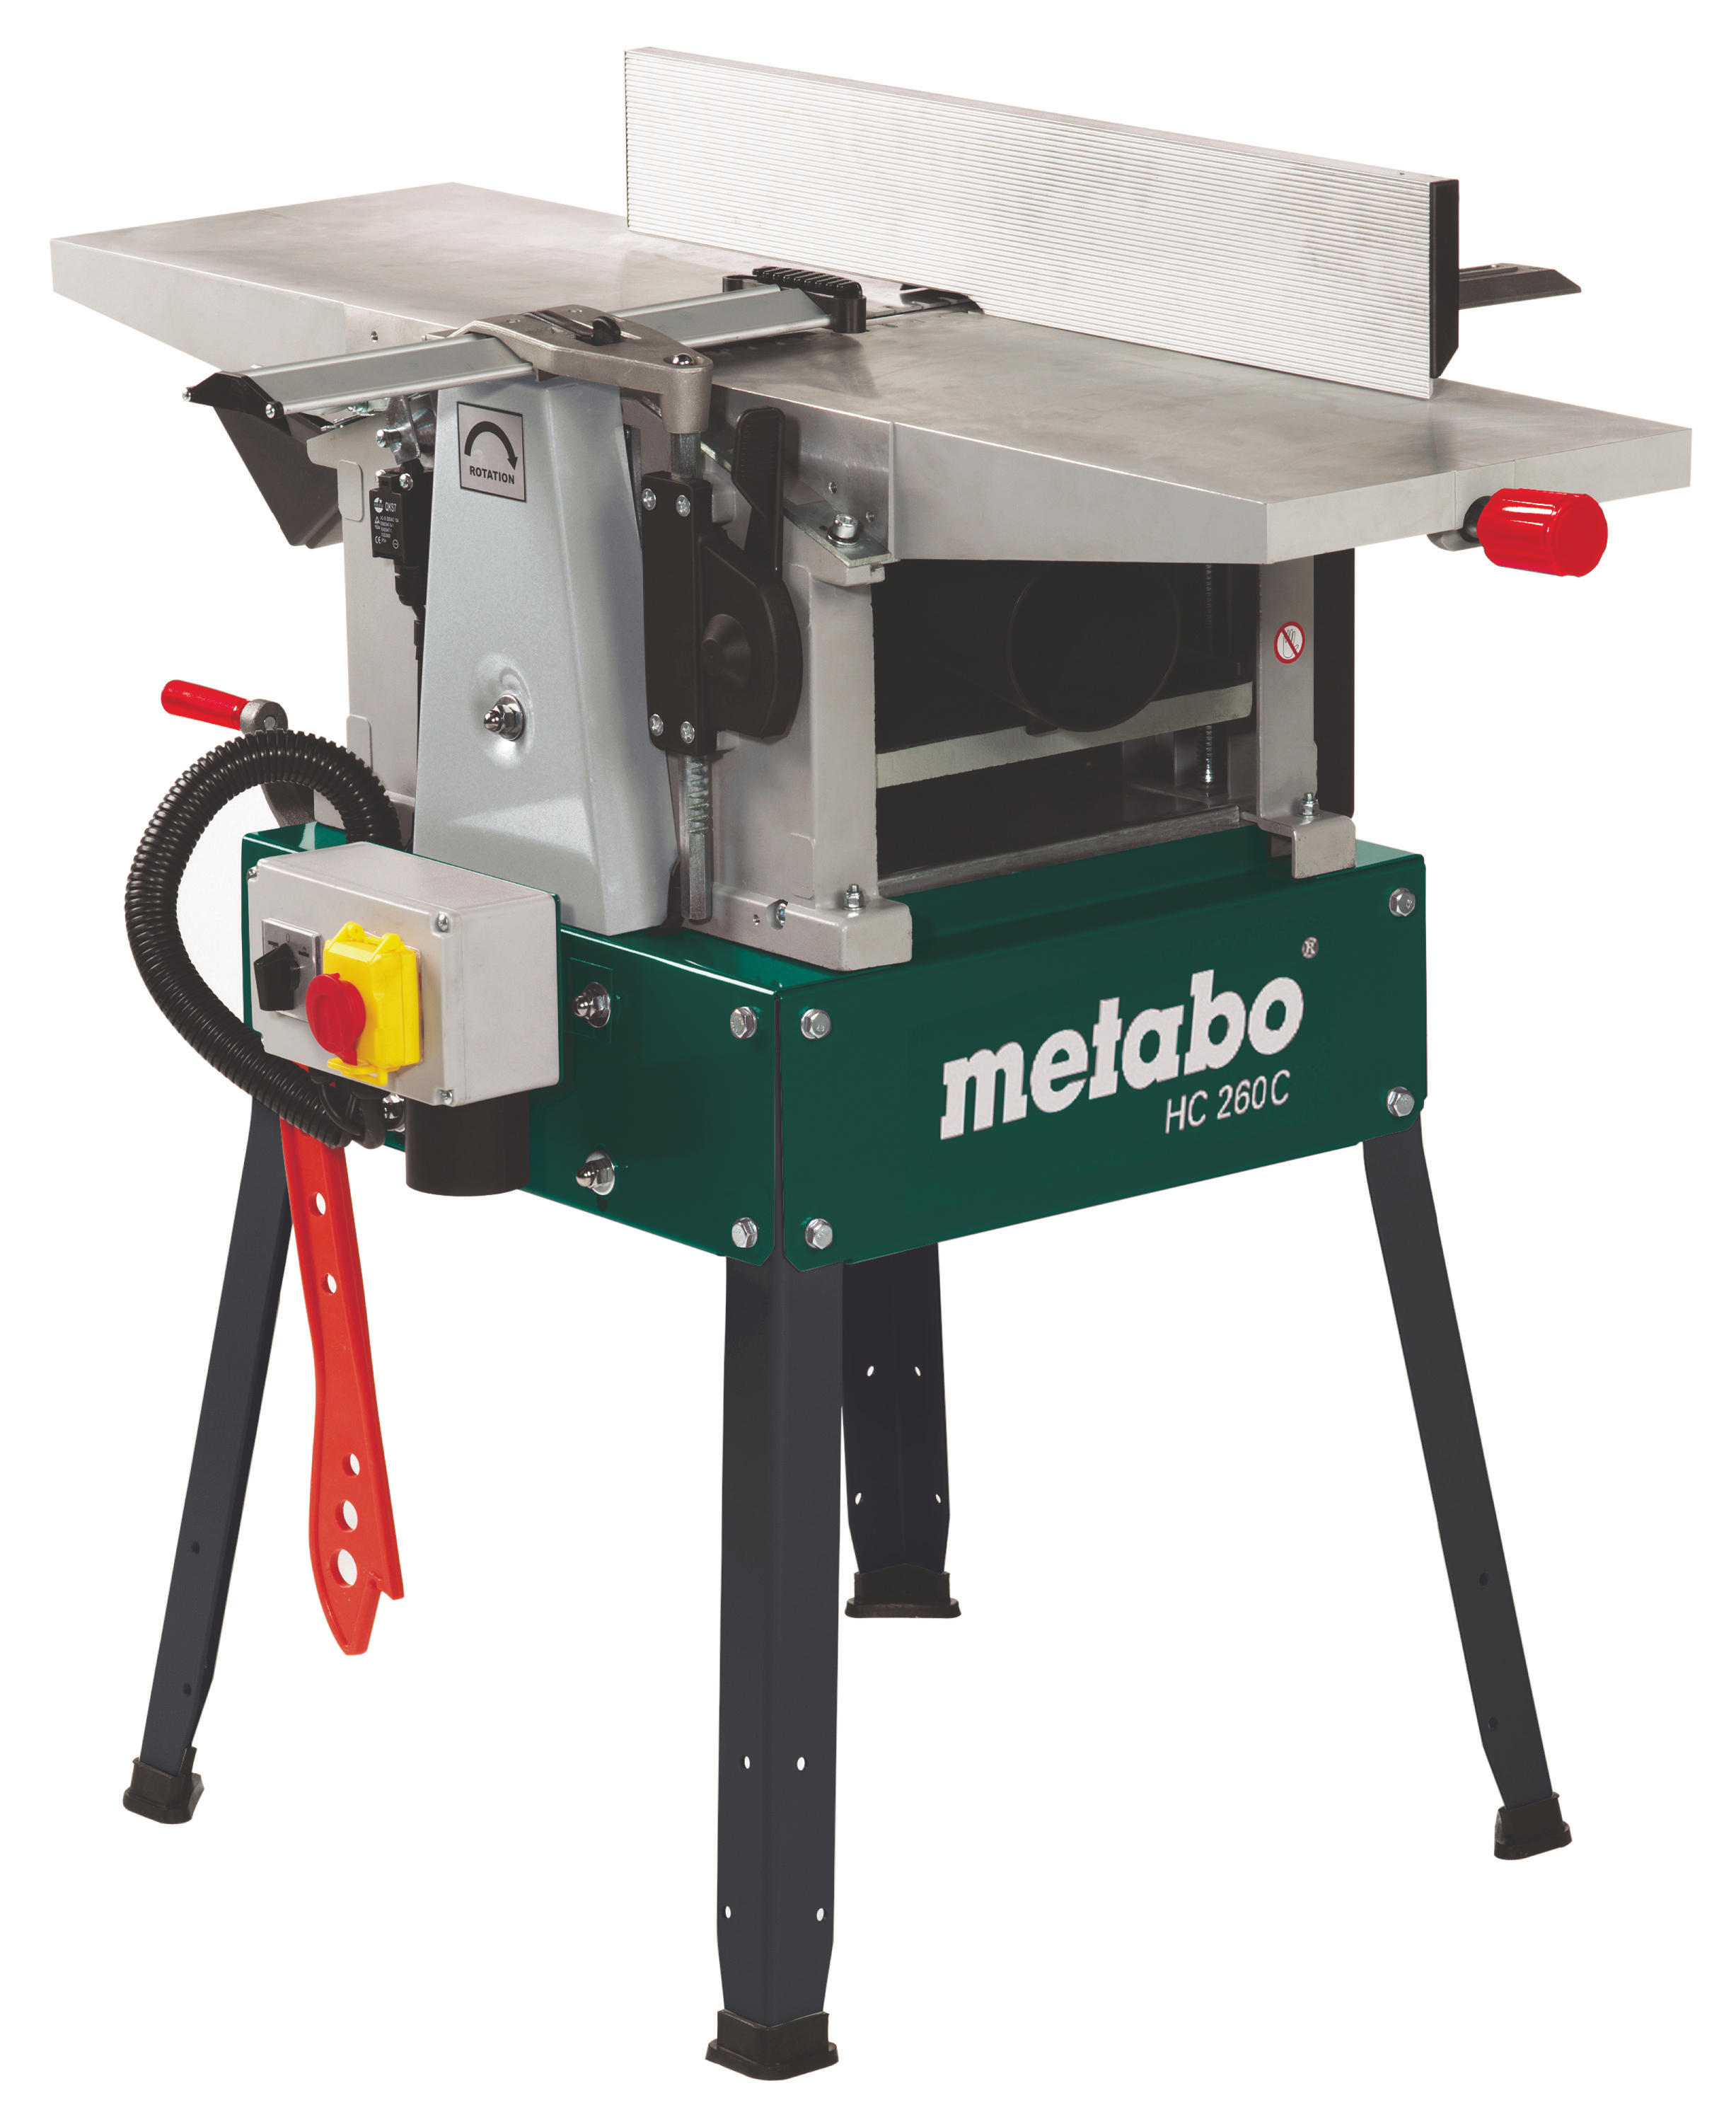 Станок фуговально-рейсмусовый Metabo Hc 260 c - 2,2 wnb